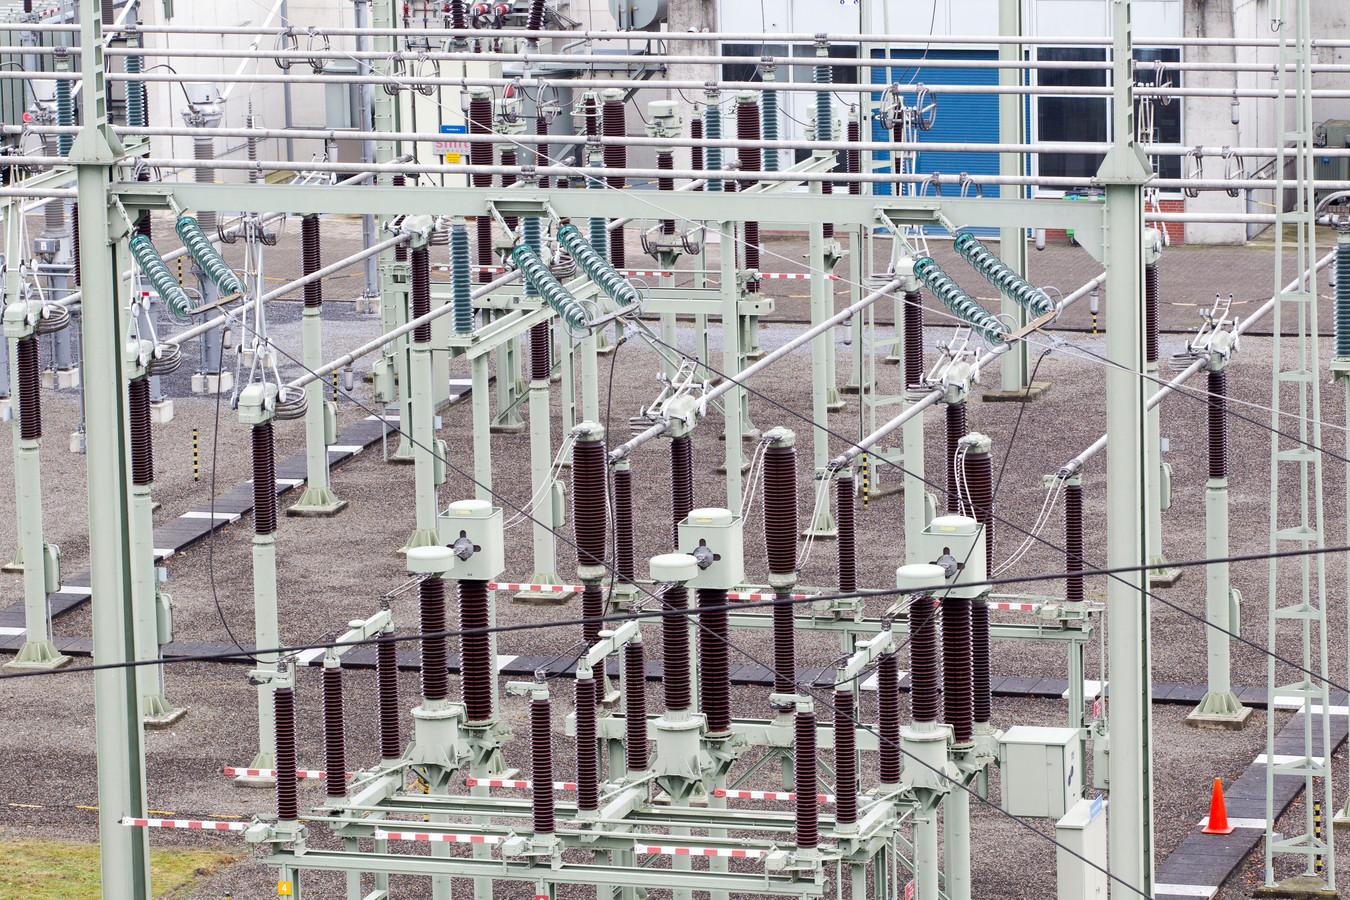 Helmond - rondleiding bij Energieleverancier Ennatuurlijk